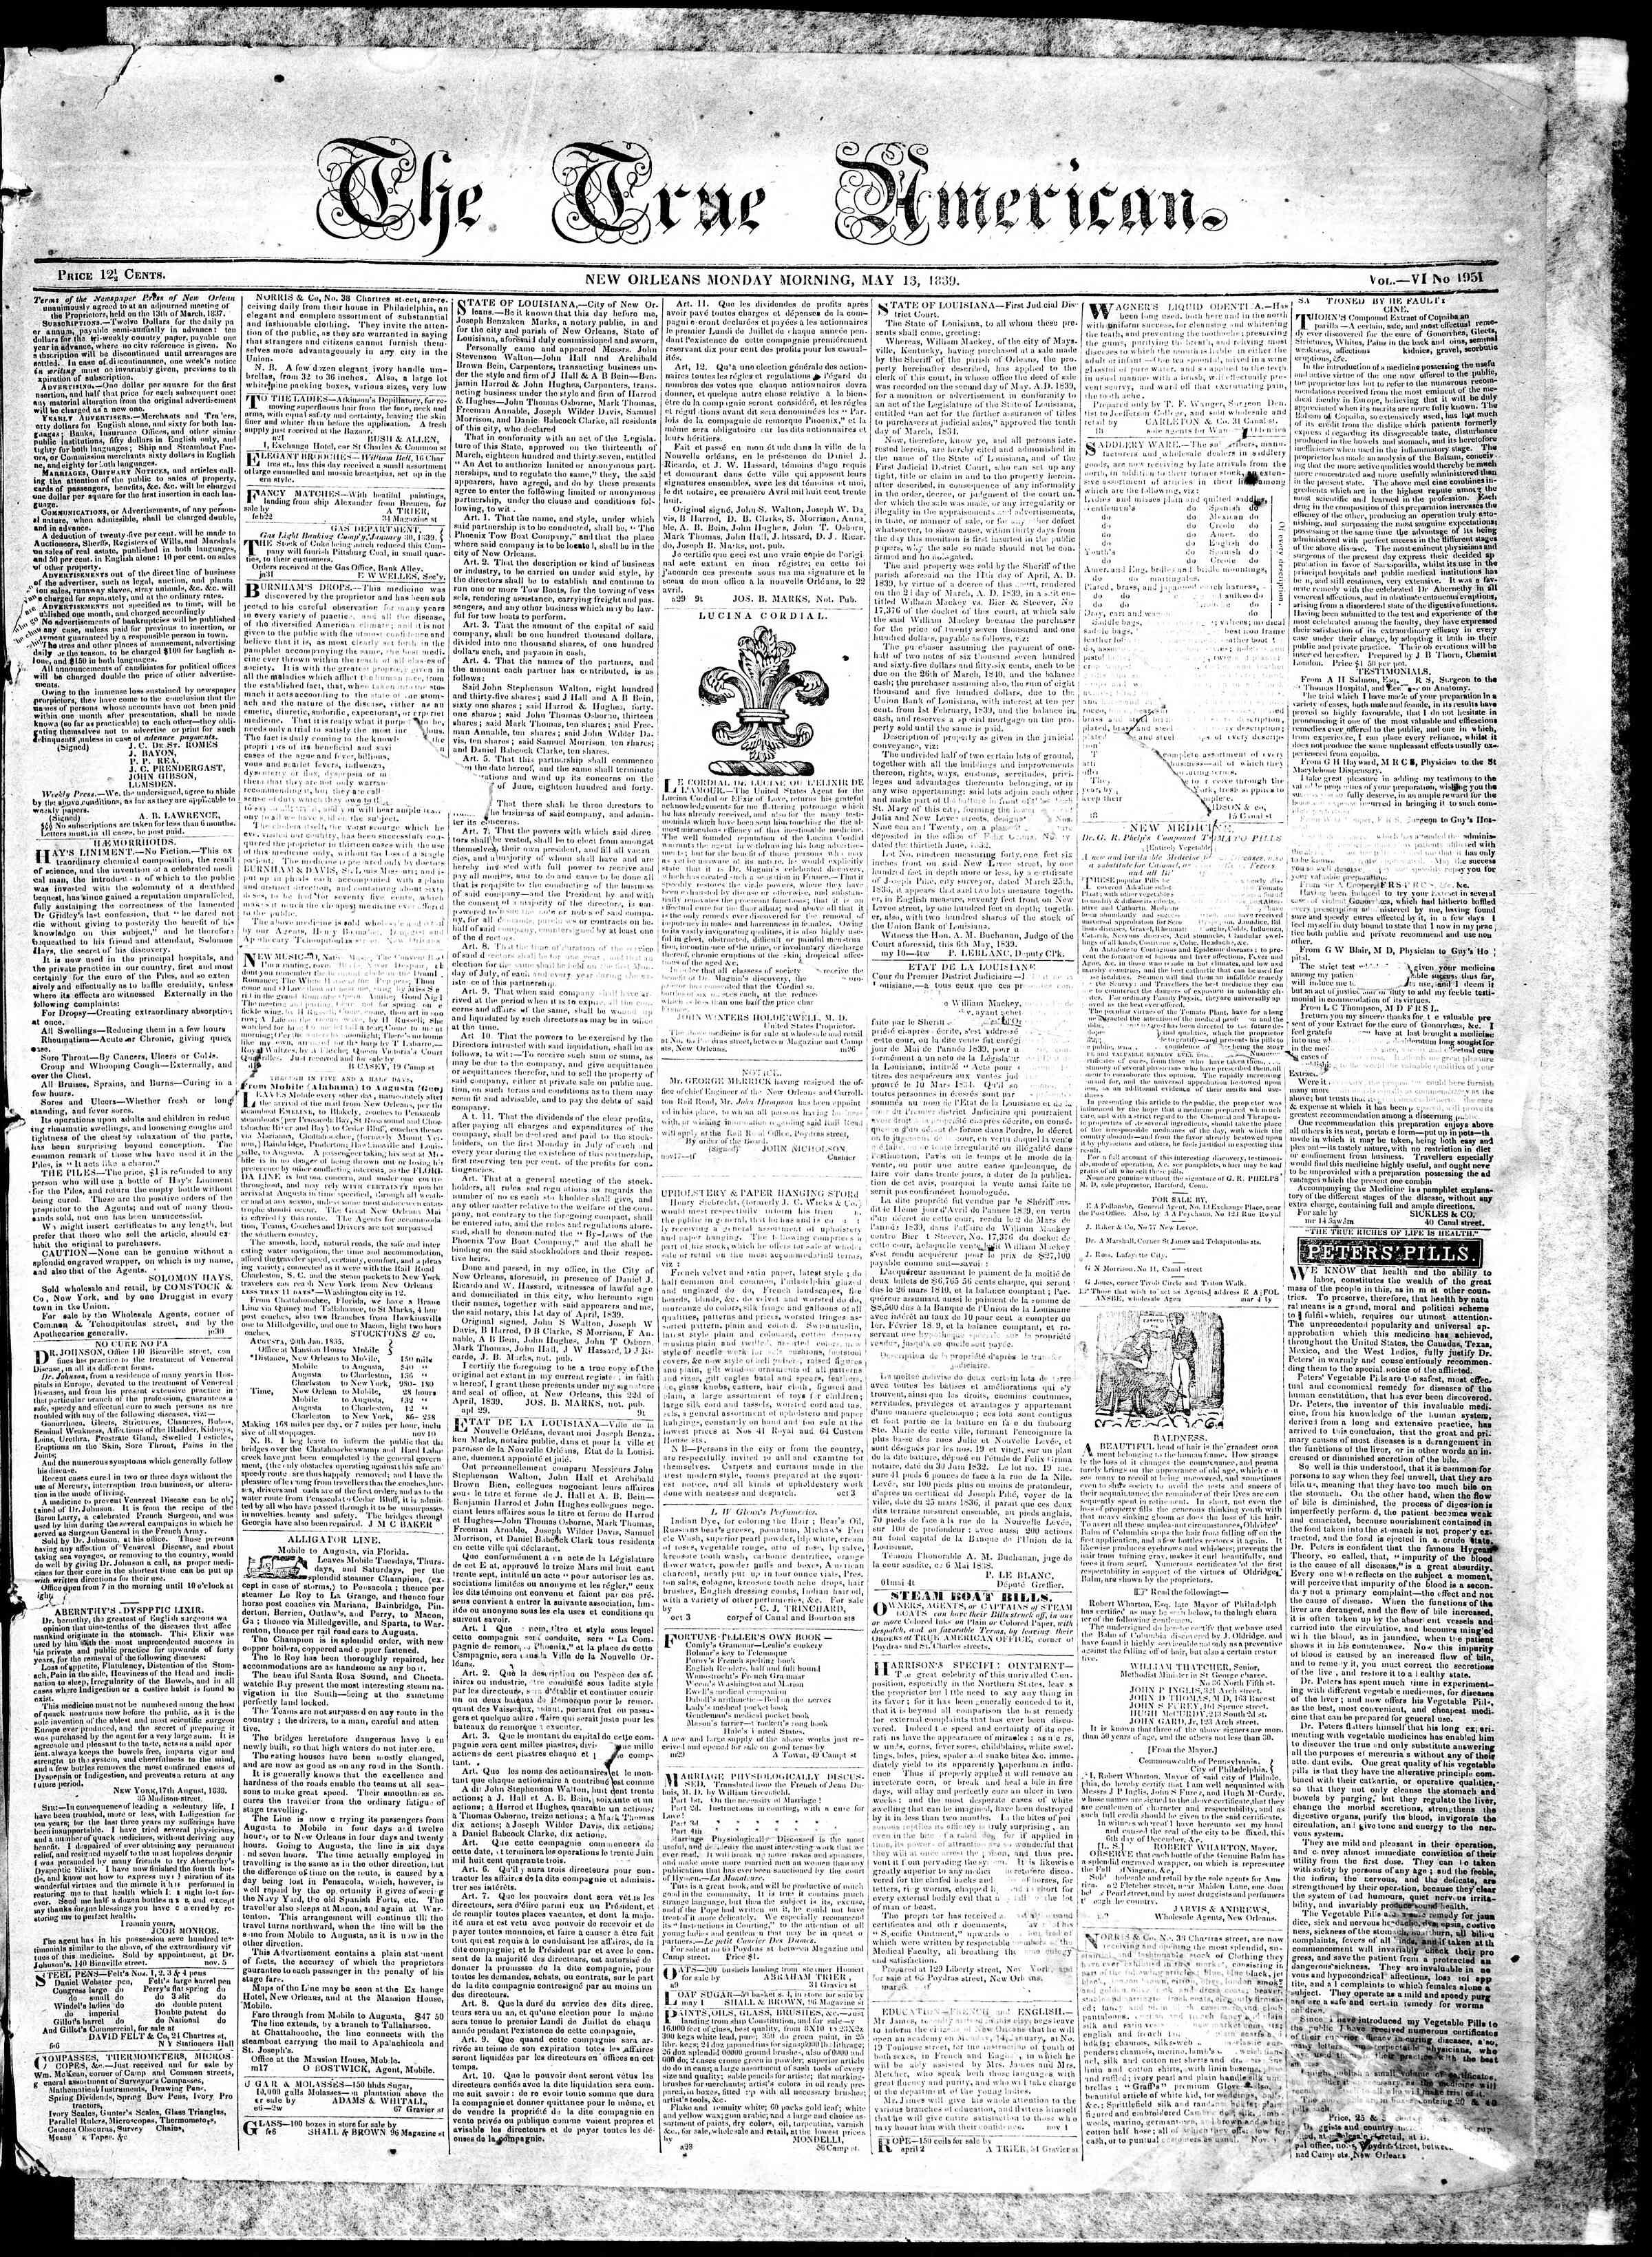 May 13, 1839 Tarihli True American Gazetesi Sayfa 1